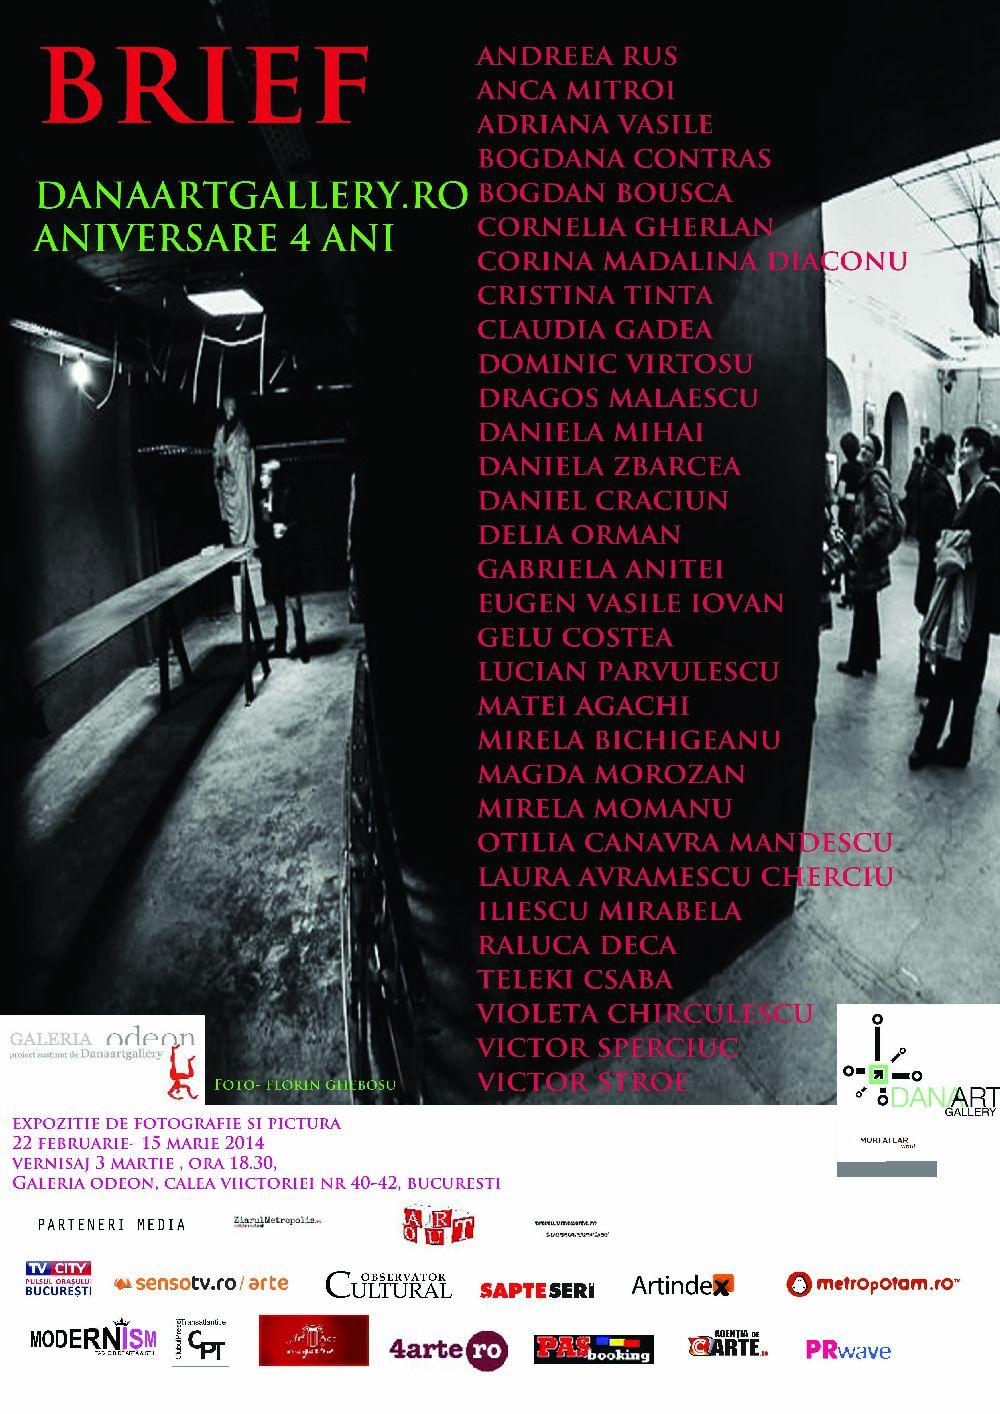 Expoziție aniversară 4 ani DanaArtGallery.ro @ Galeria Odeon, București